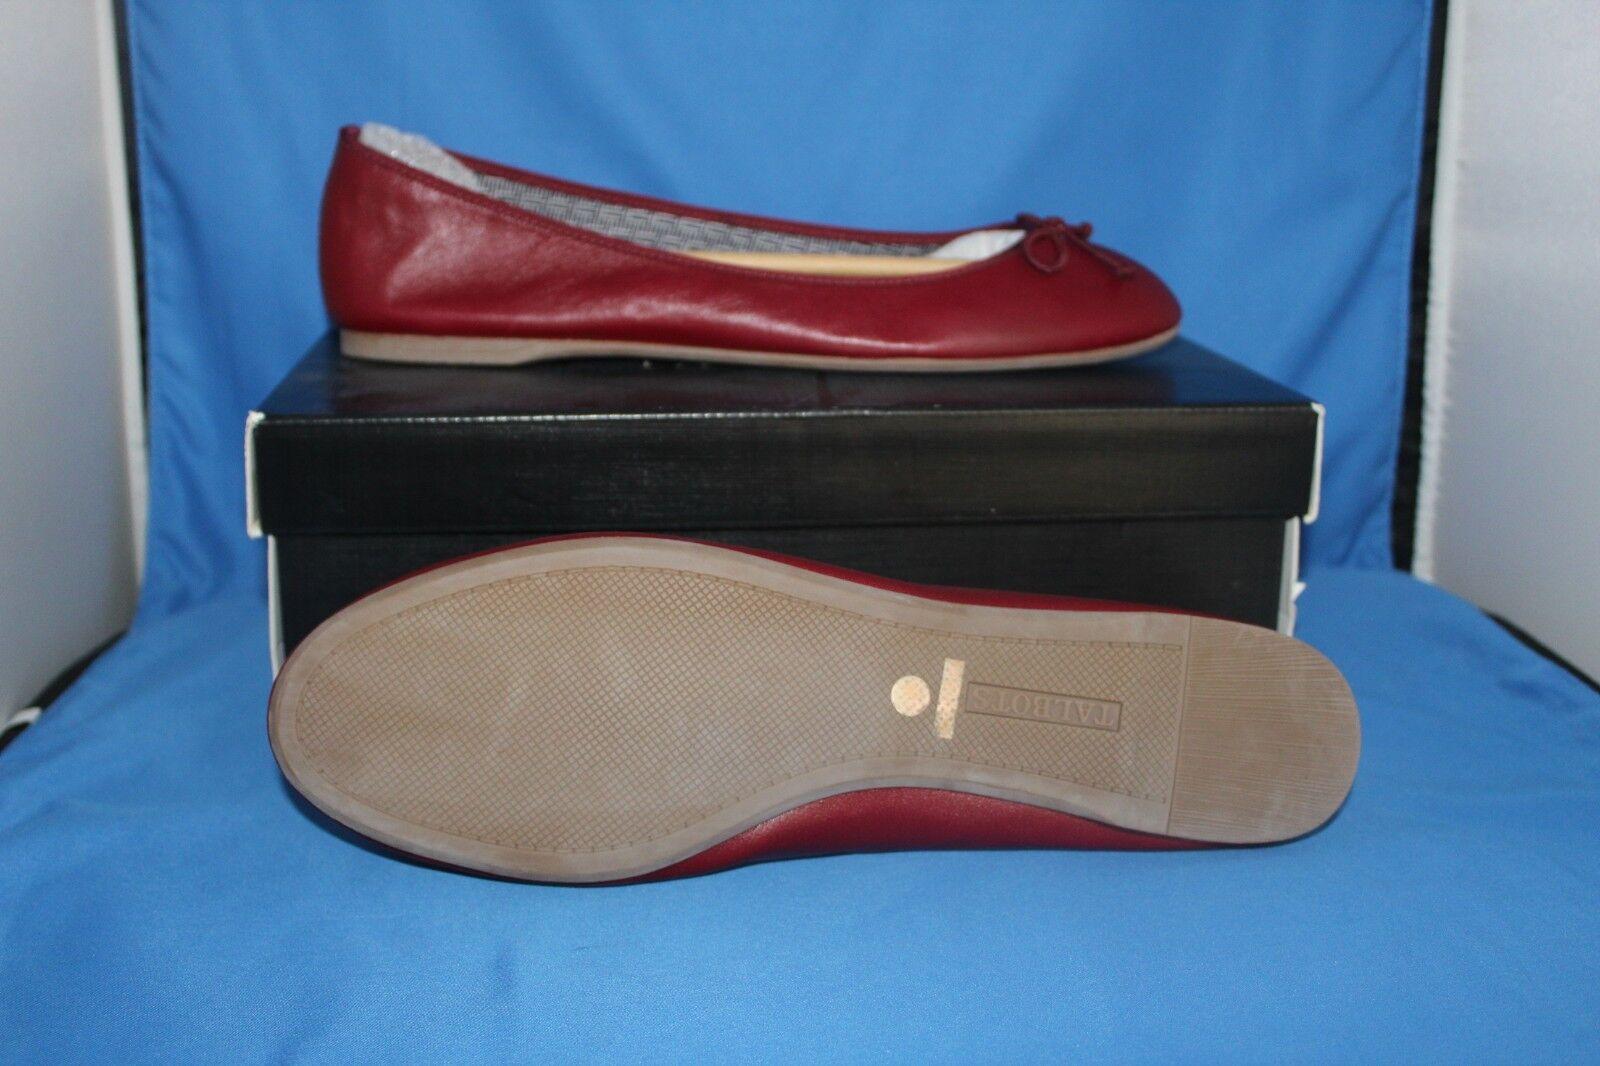 Talbots Damens Schuhe - Größe 11 M -Merlot Jilly Jilly -Merlot - Cranberry ROT 024ec4